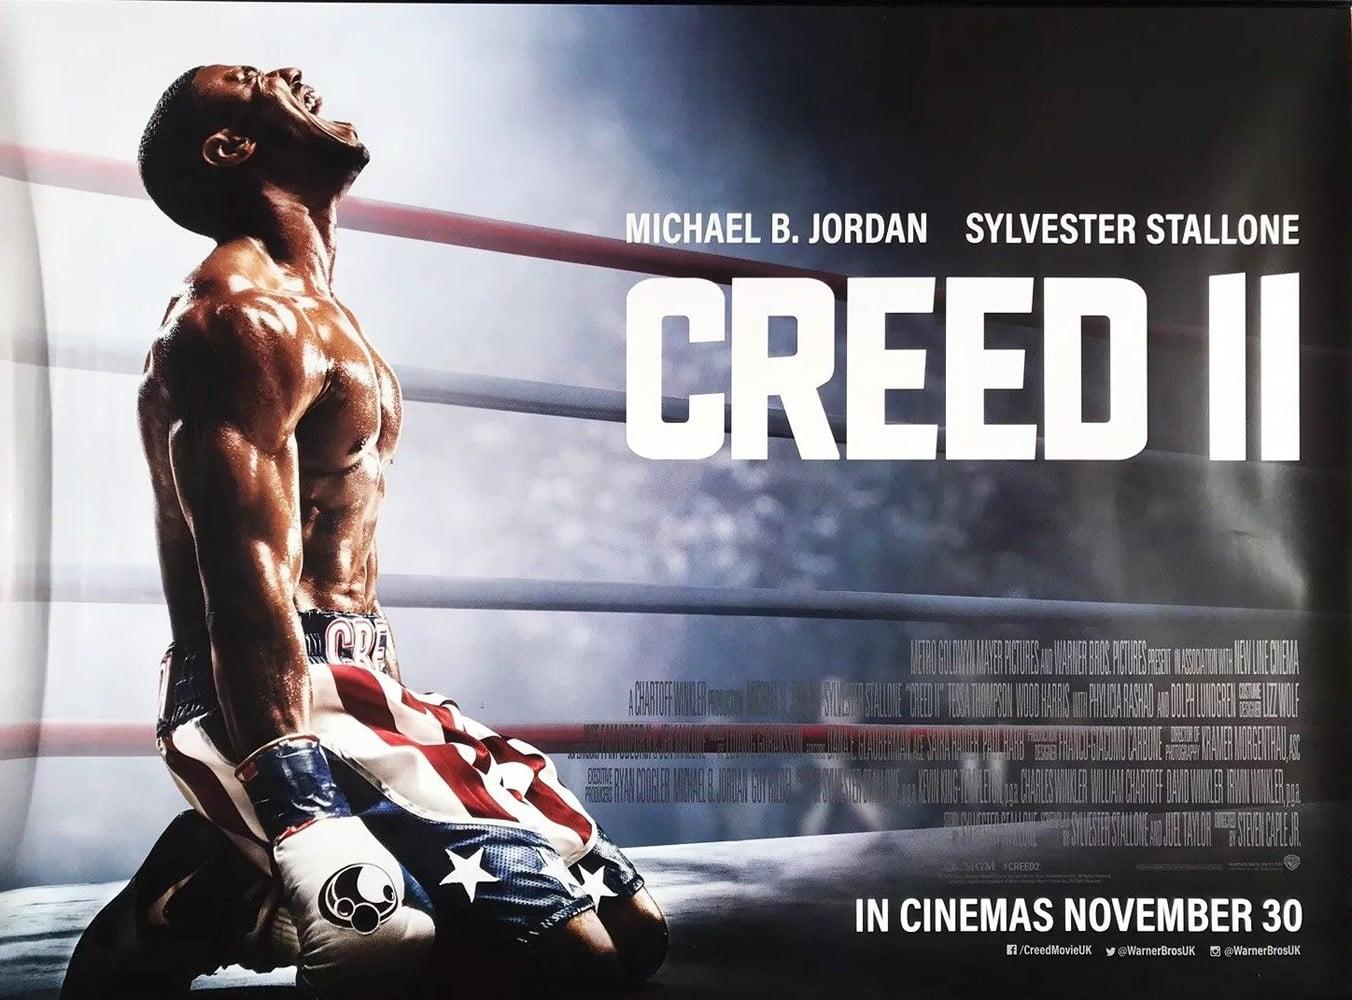 Creed22